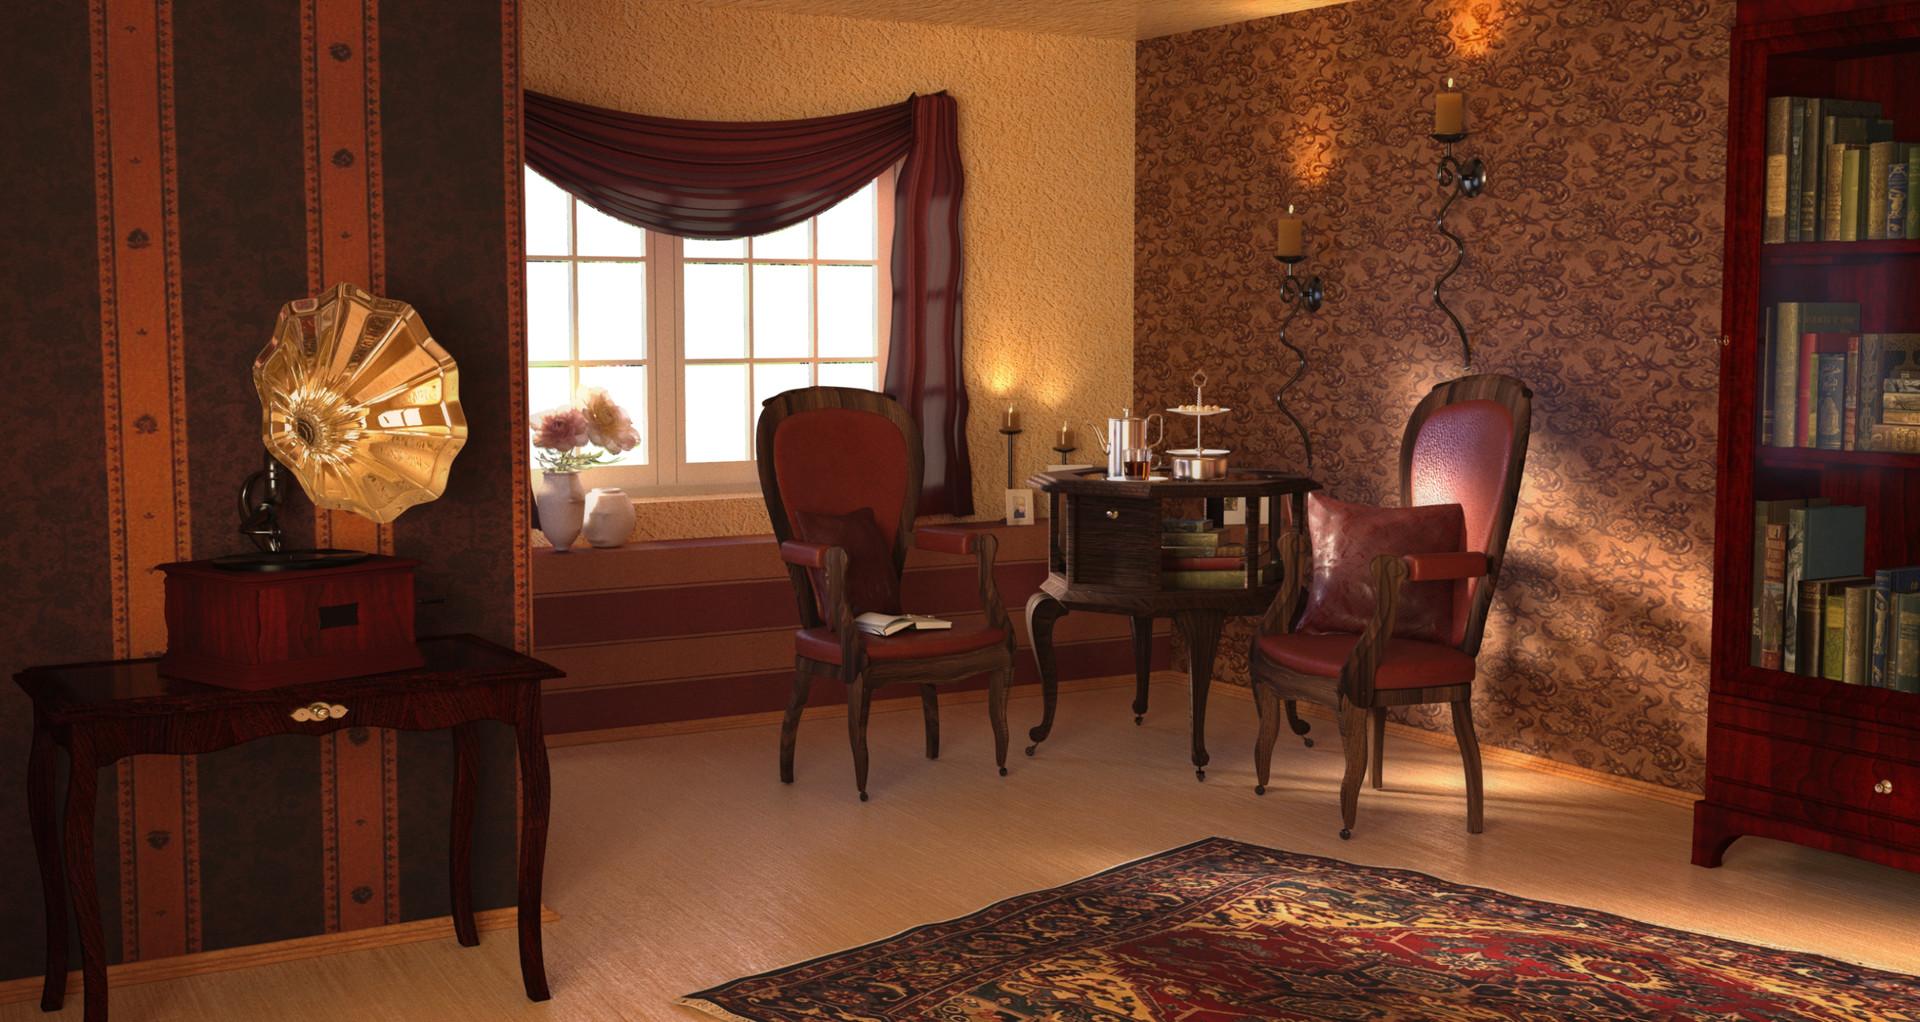 Old Fashioned Living Room Pavel Ogoreltsev, Old Fashioned Living Rooms